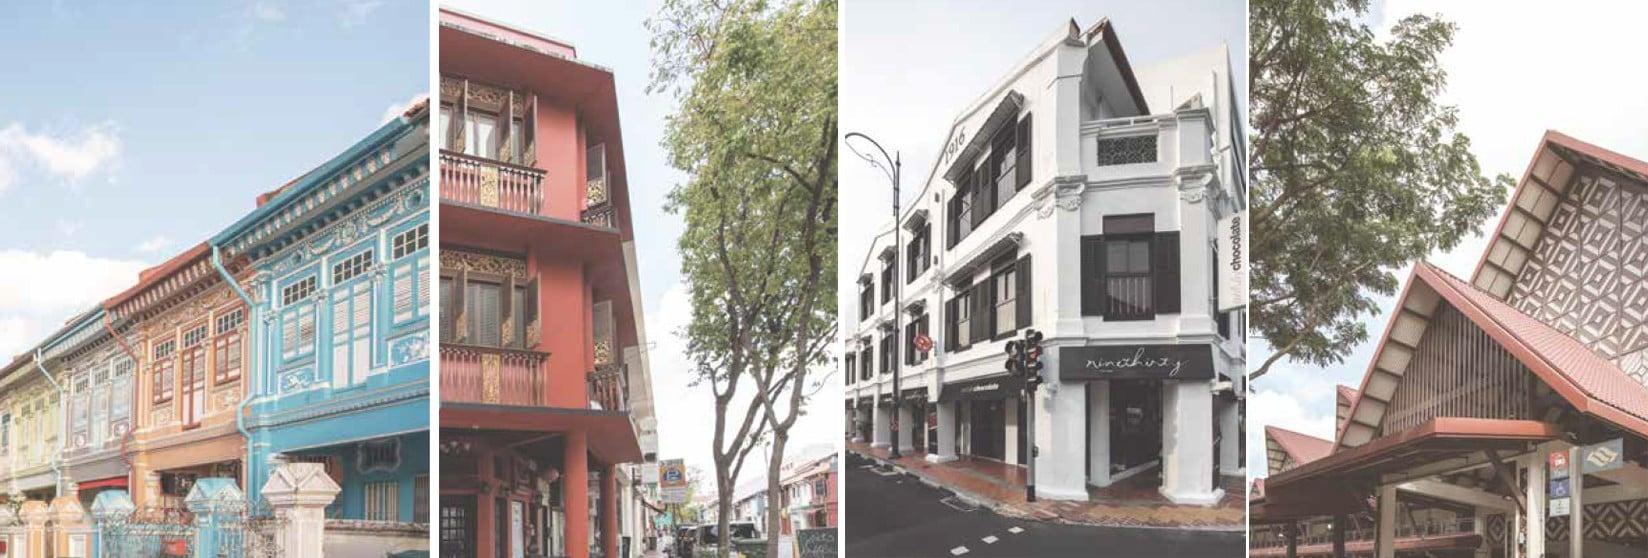 A-neighbourhood-to-truly-call-home